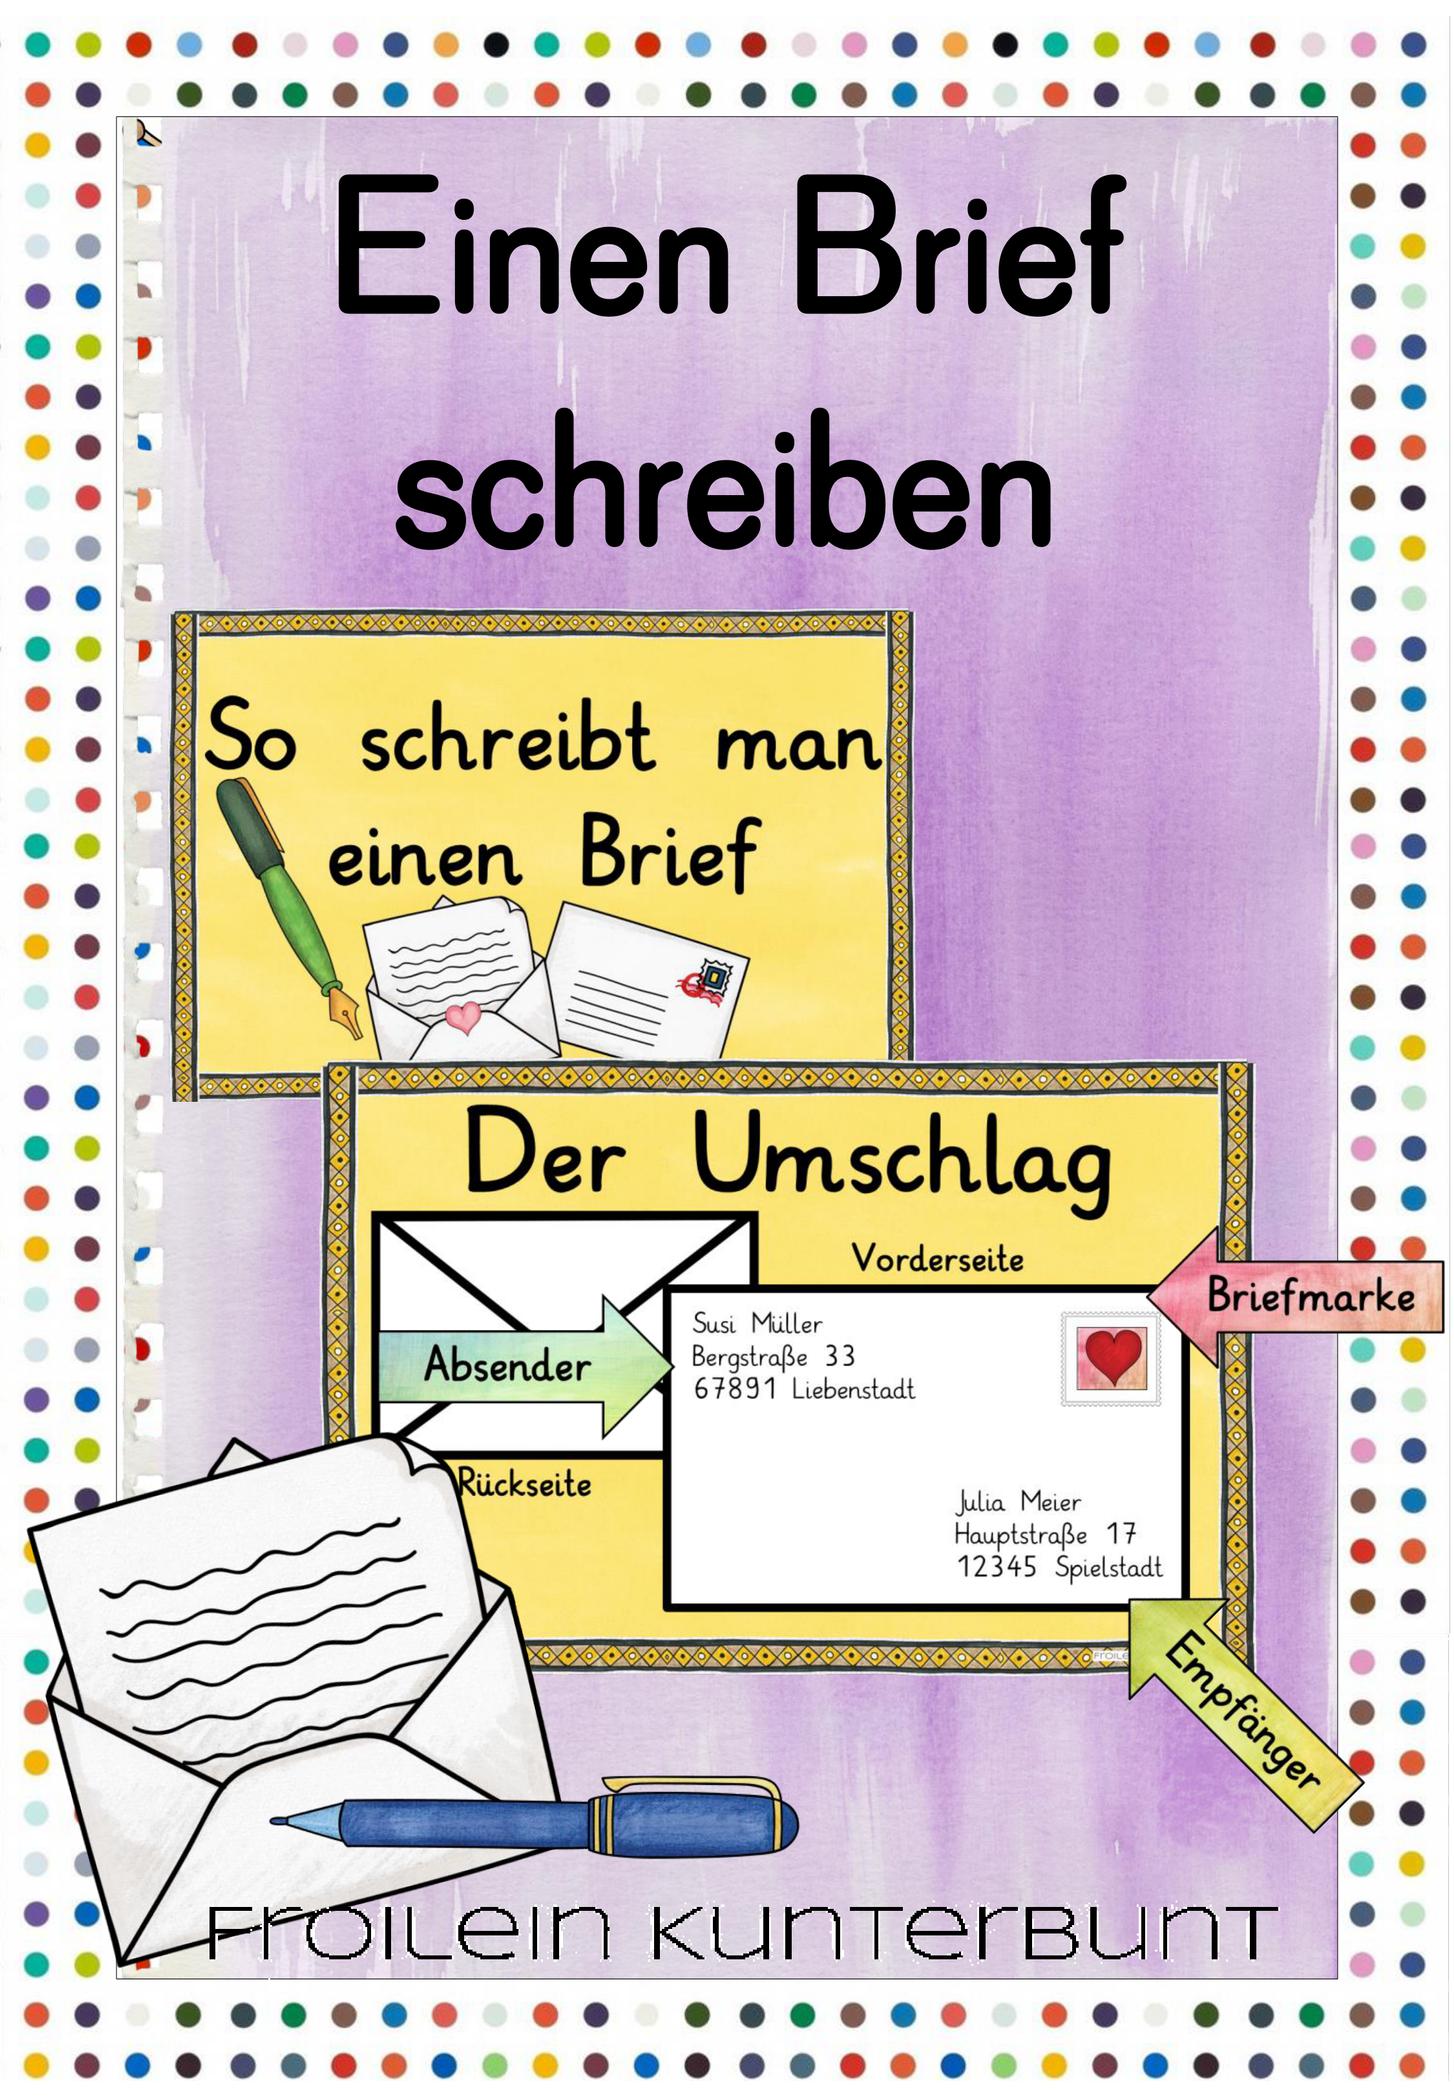 Brief Postkarte Schreiben Briefe Schreiben Postkarte Schreiben Brief Schreiben Grundschule